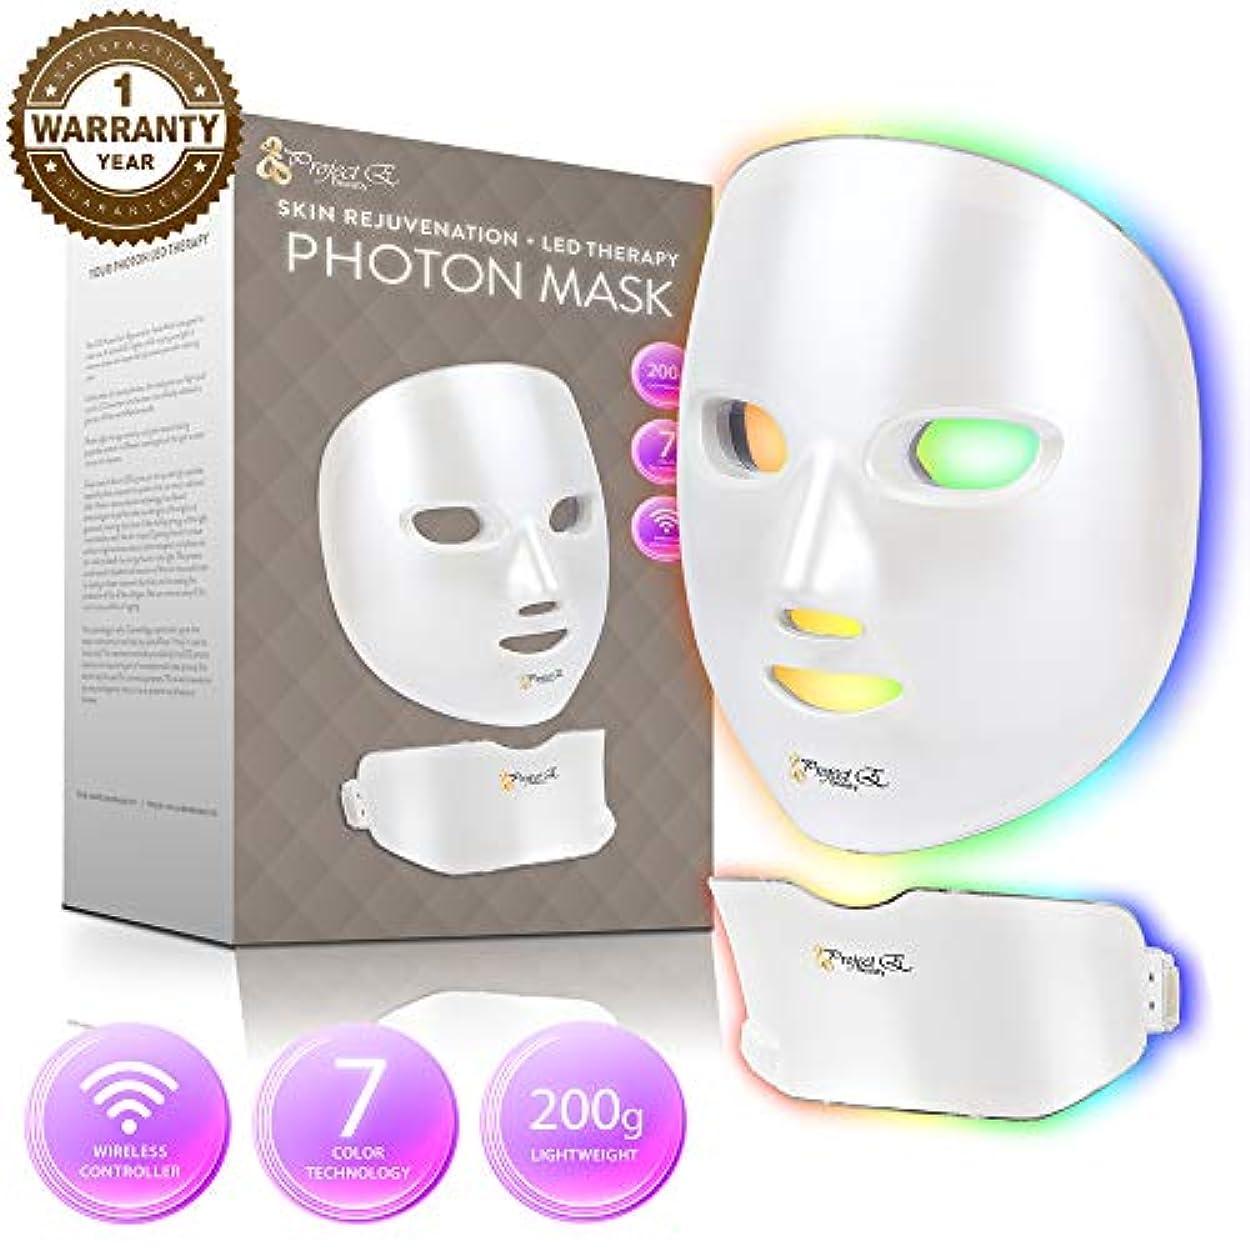 測る粘着性単にProject E Beauty 7色 マスクフェイス&ネック光子光皮膚若返り療法顔 スキンケア無線マスクを主導しました ワンサイズ パール?ホワイト